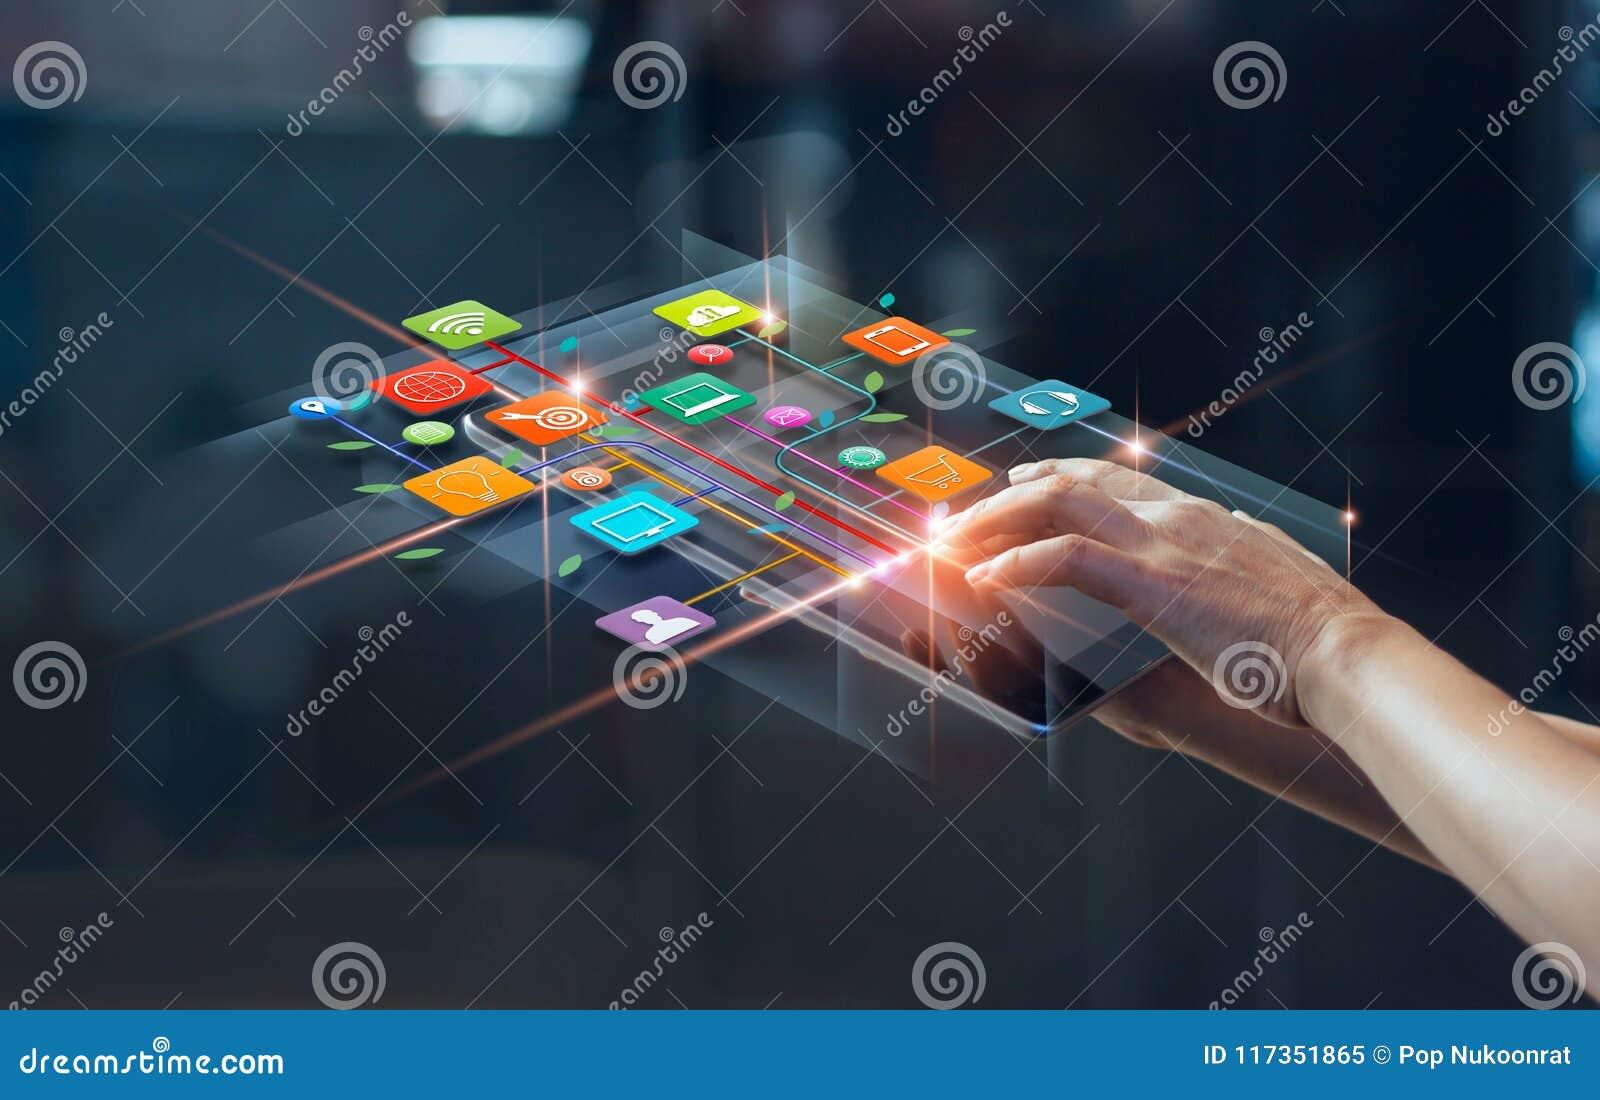 Руки используя передвижные оплаты, маркетинг цифров, сеть банка